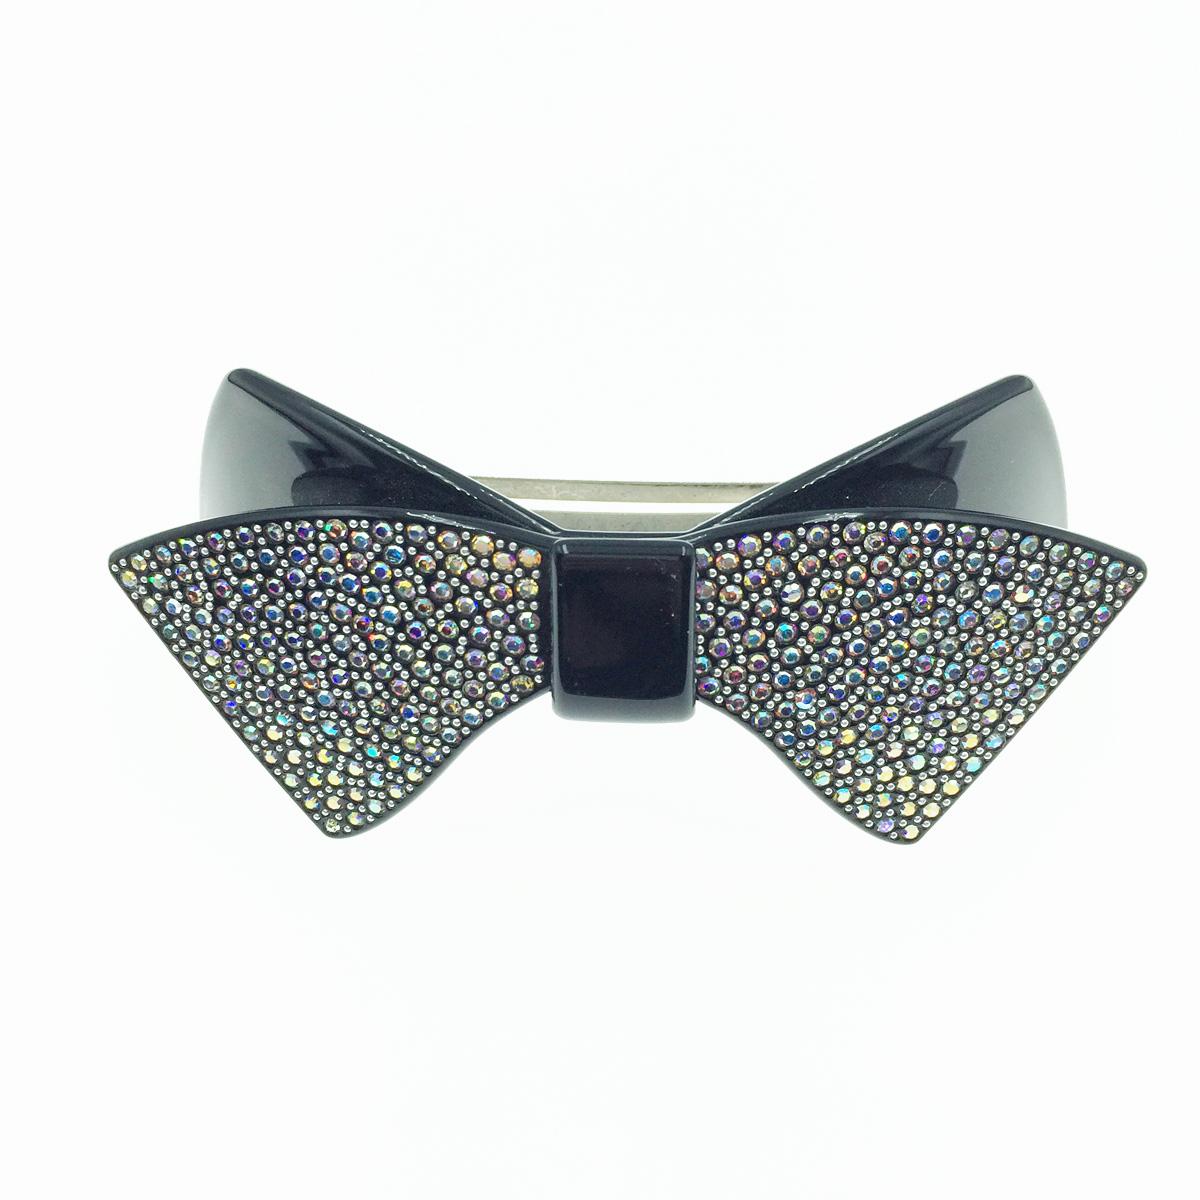 韓國 蝴蝶結 水鑽水晶 髮飾 髮夾 自動夾 採用施華洛世奇水晶元素 Crystals from Swarovski